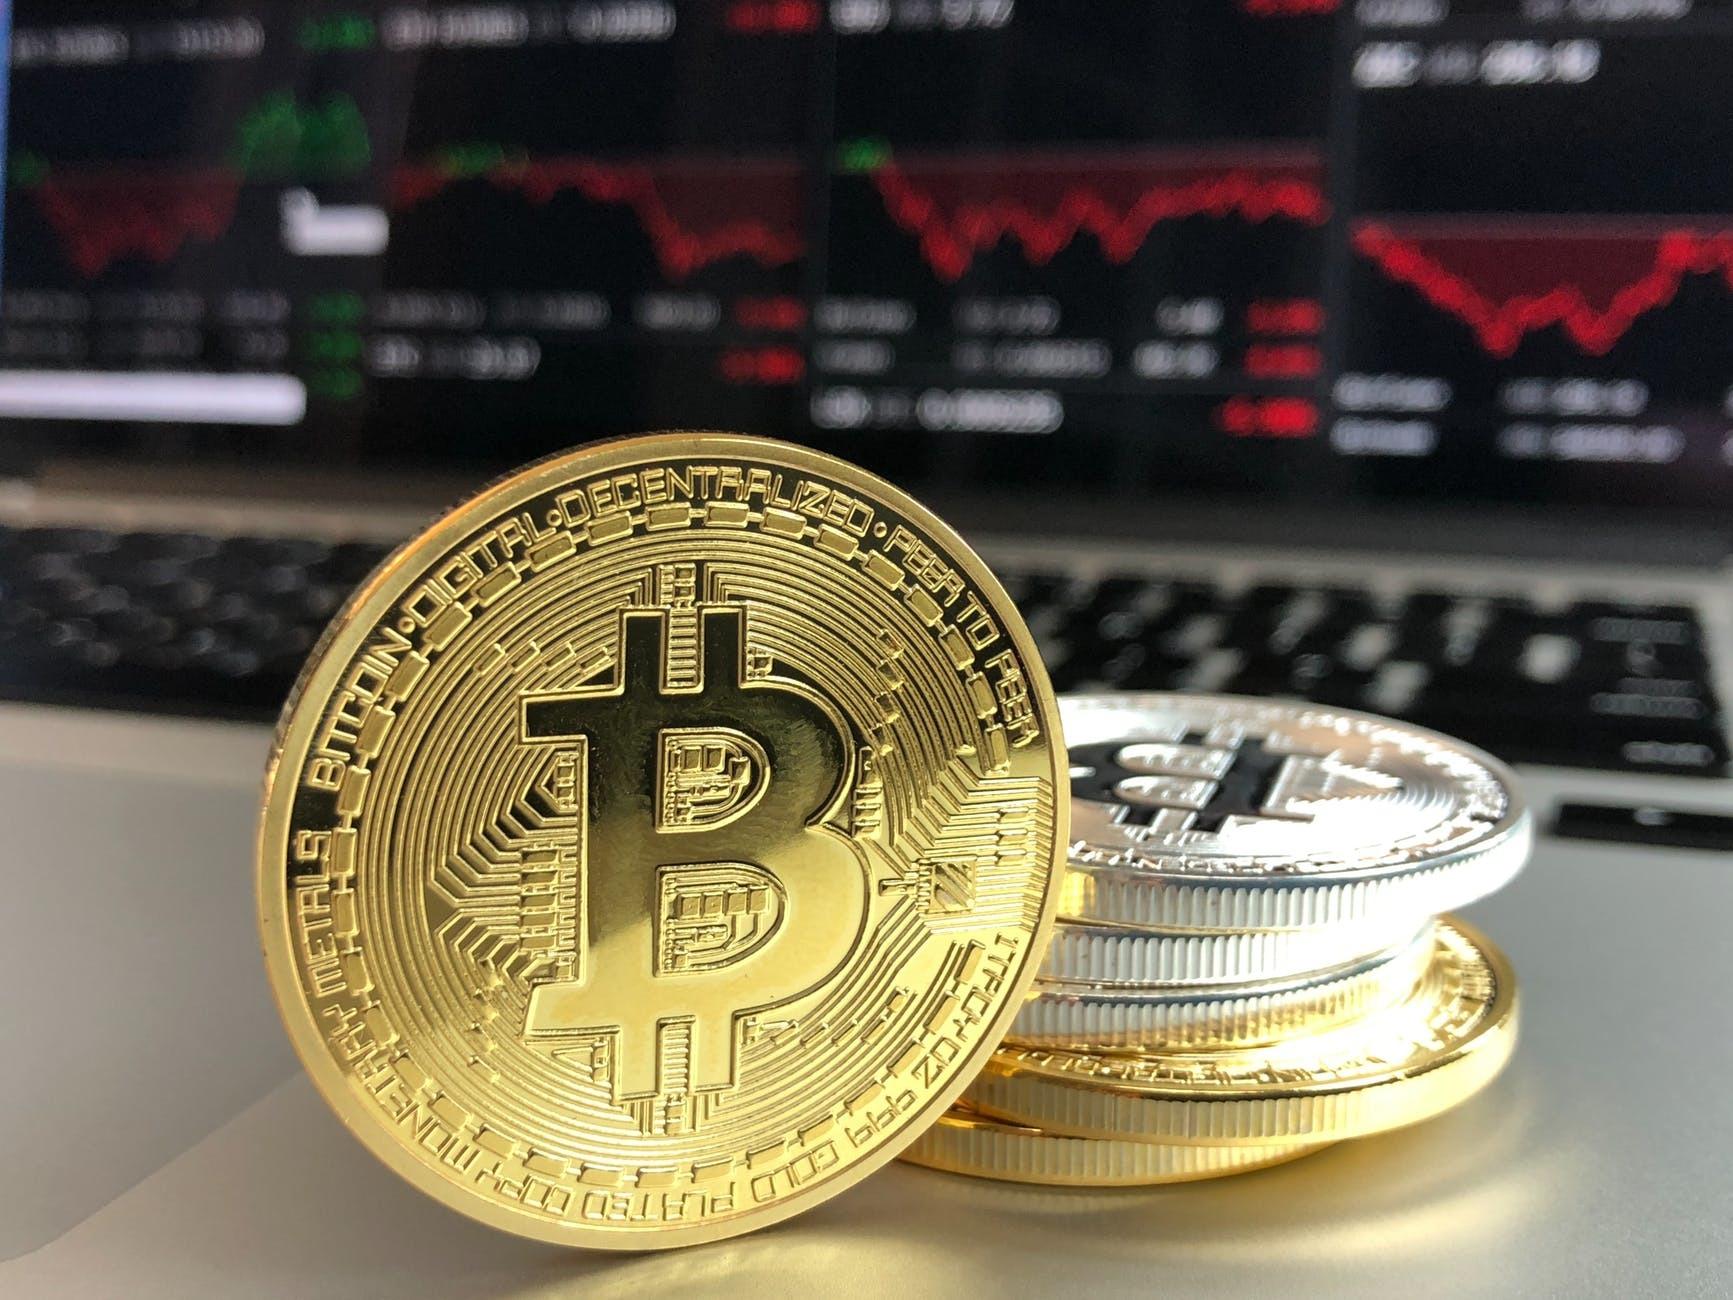 Bitcoin Afacerea care a adus câștiguri de peste % și mii de controverse într-un an